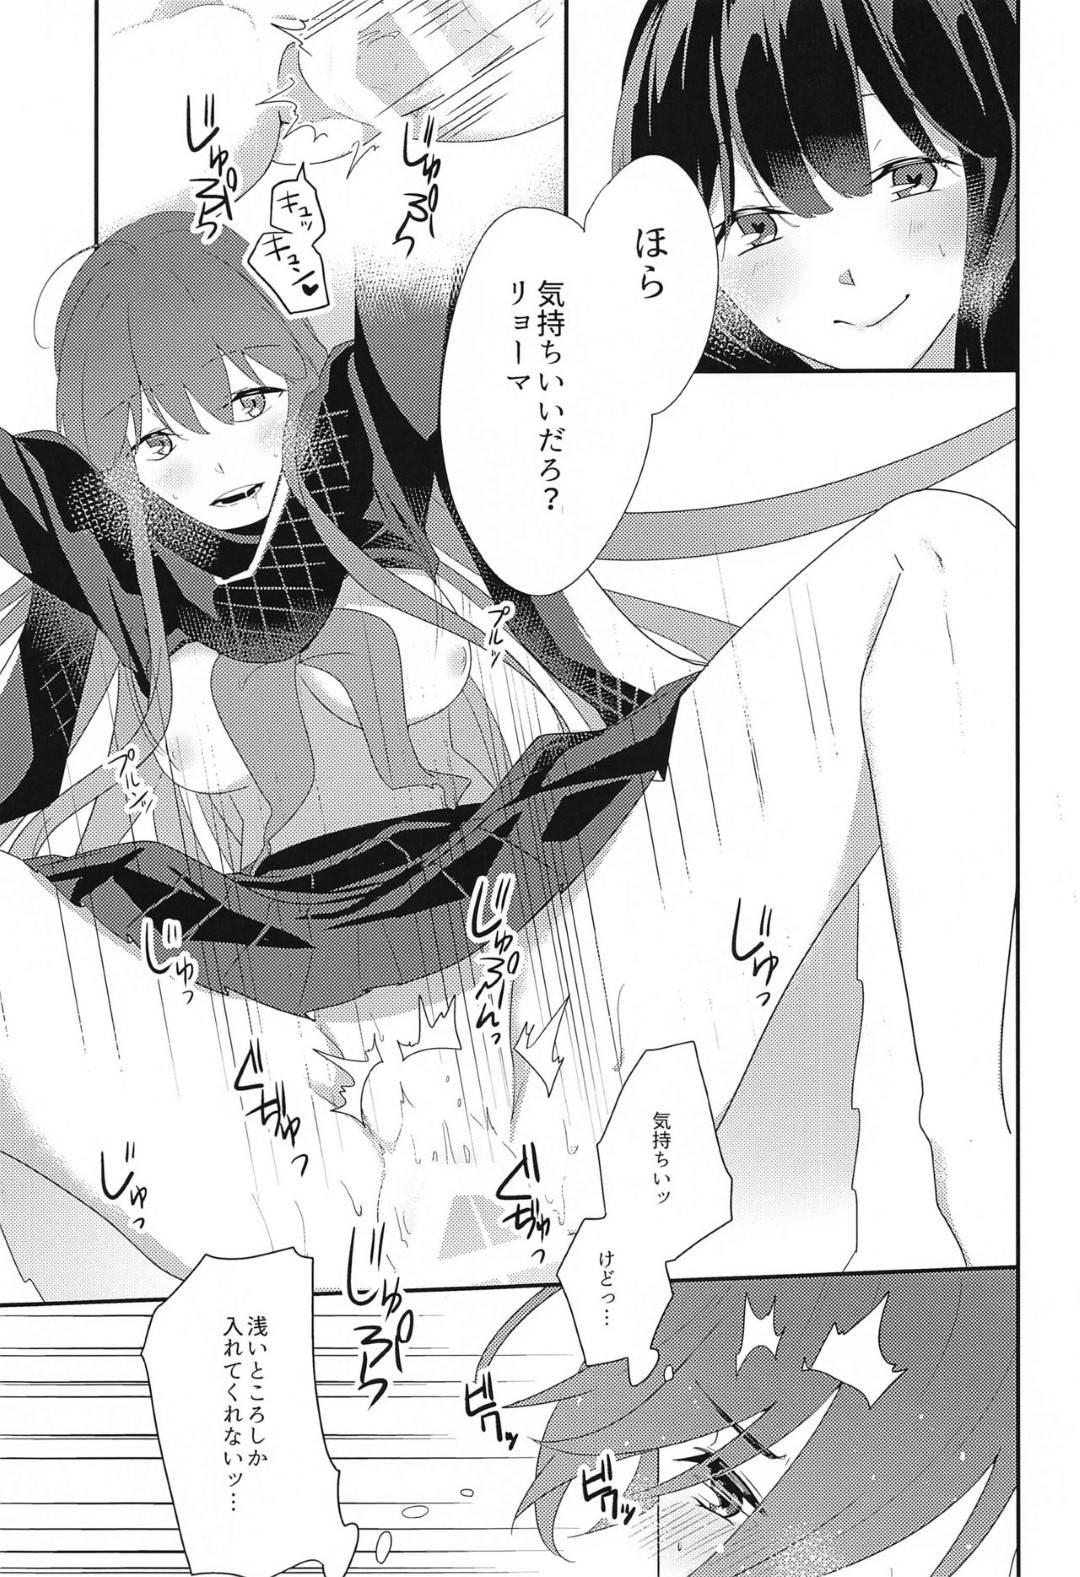 【Fate/Grand Orderエロ漫画】喧嘩した龍馬とお竜さんは仲直りのチューをすると止まらなくなり青姦イチャラブセックスする【東雲瑞稀】